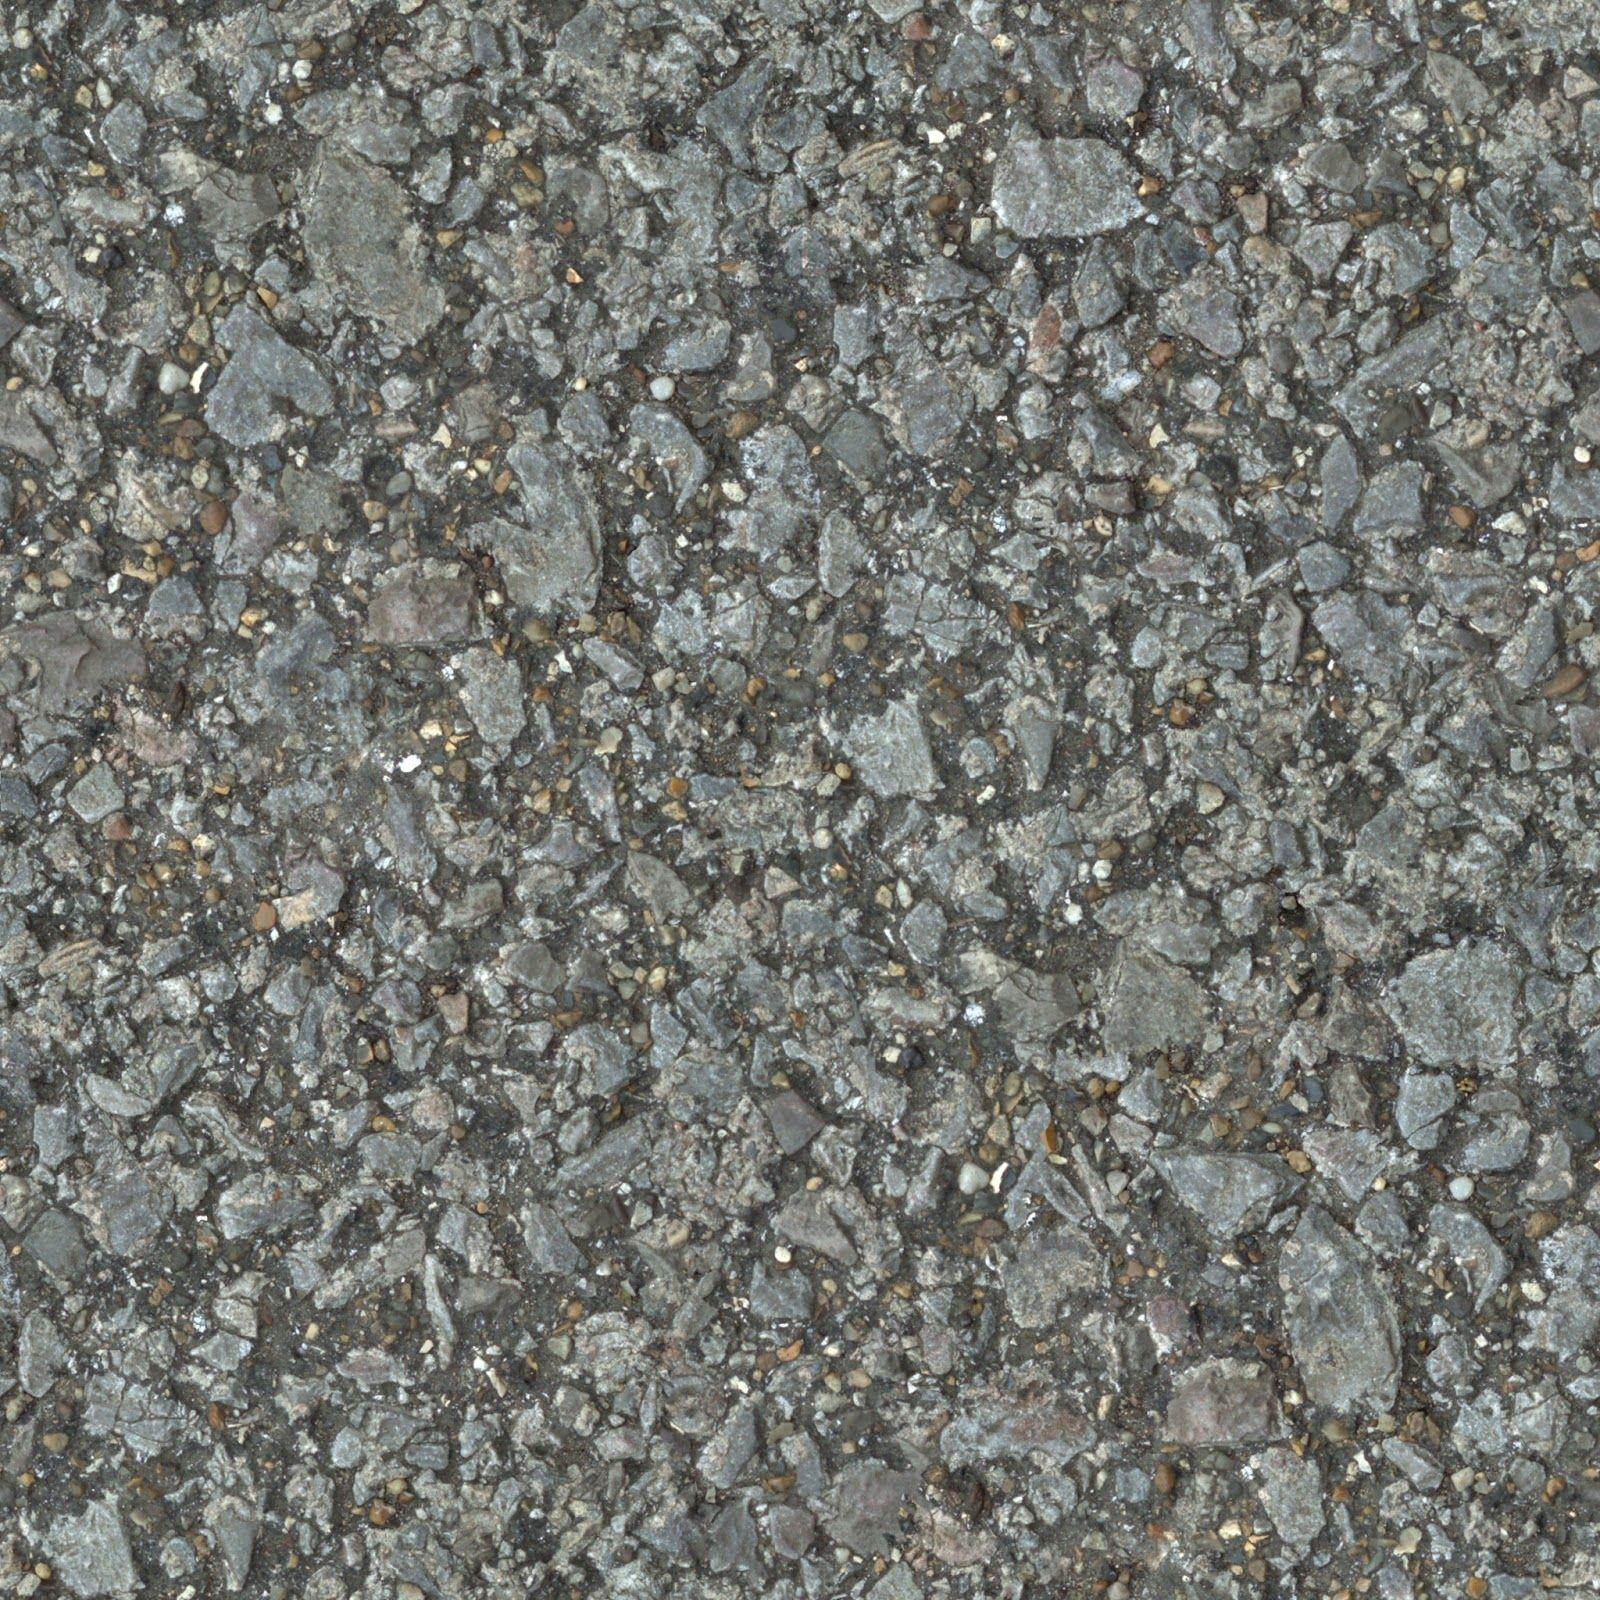 Textures architecture roads roads dirt road texture seamless -  Pebblestone 3 Concrete Cobble Ground Gravel Floor Seamless Texture 2048x2048 Seamless Textureswalkwayconcrete